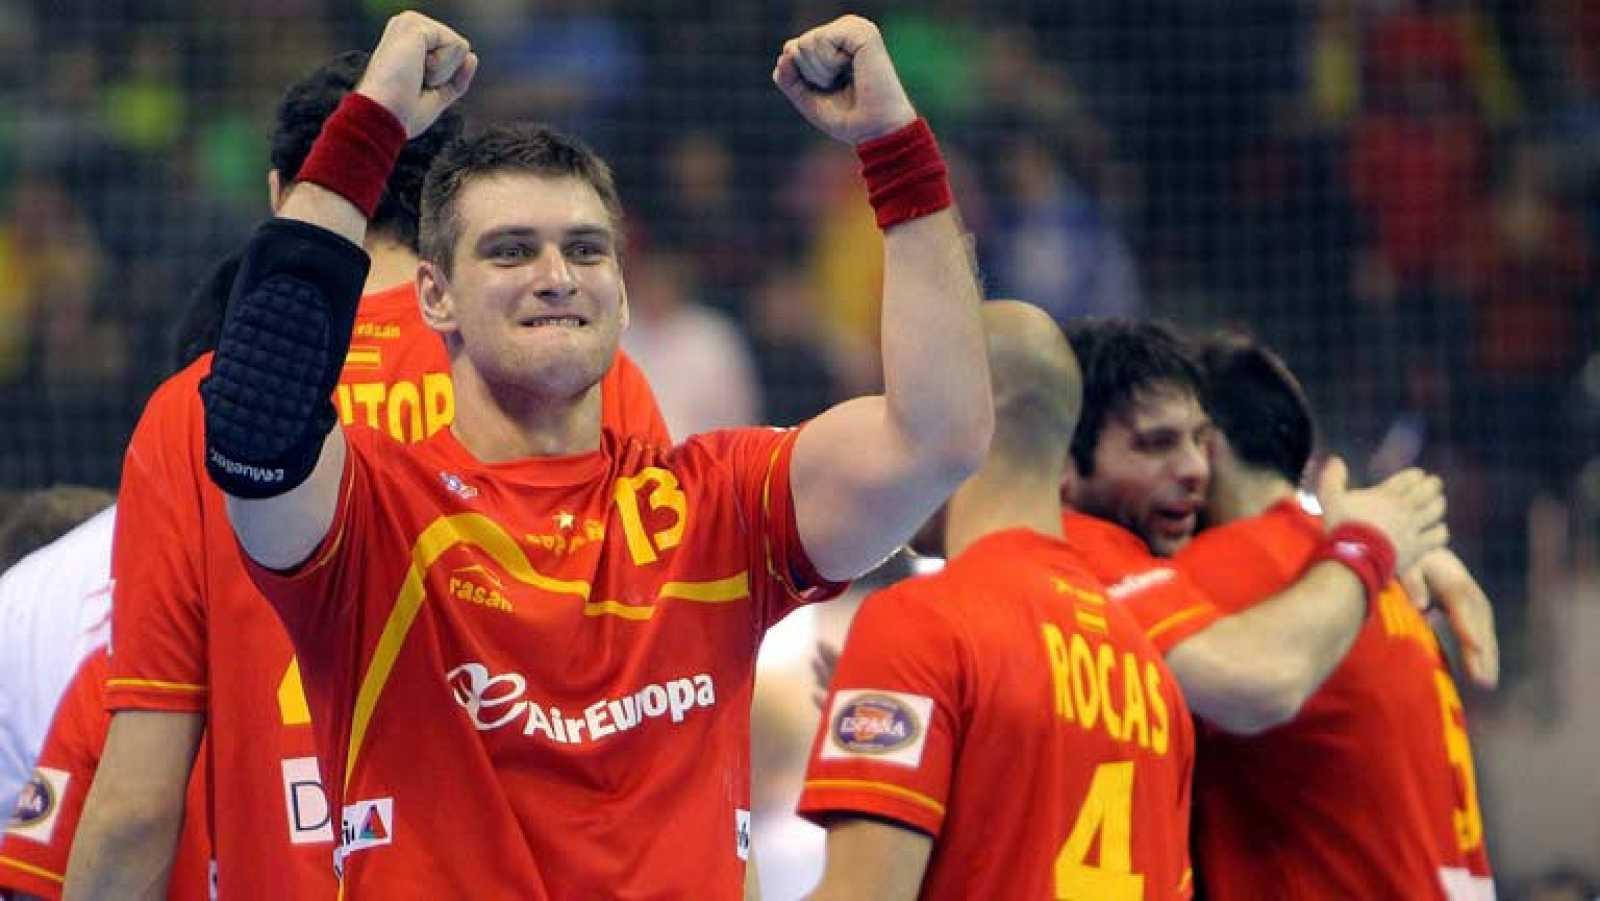 Mundial de Balonmano - 1/4 de final: España - Alemania - ver ahora